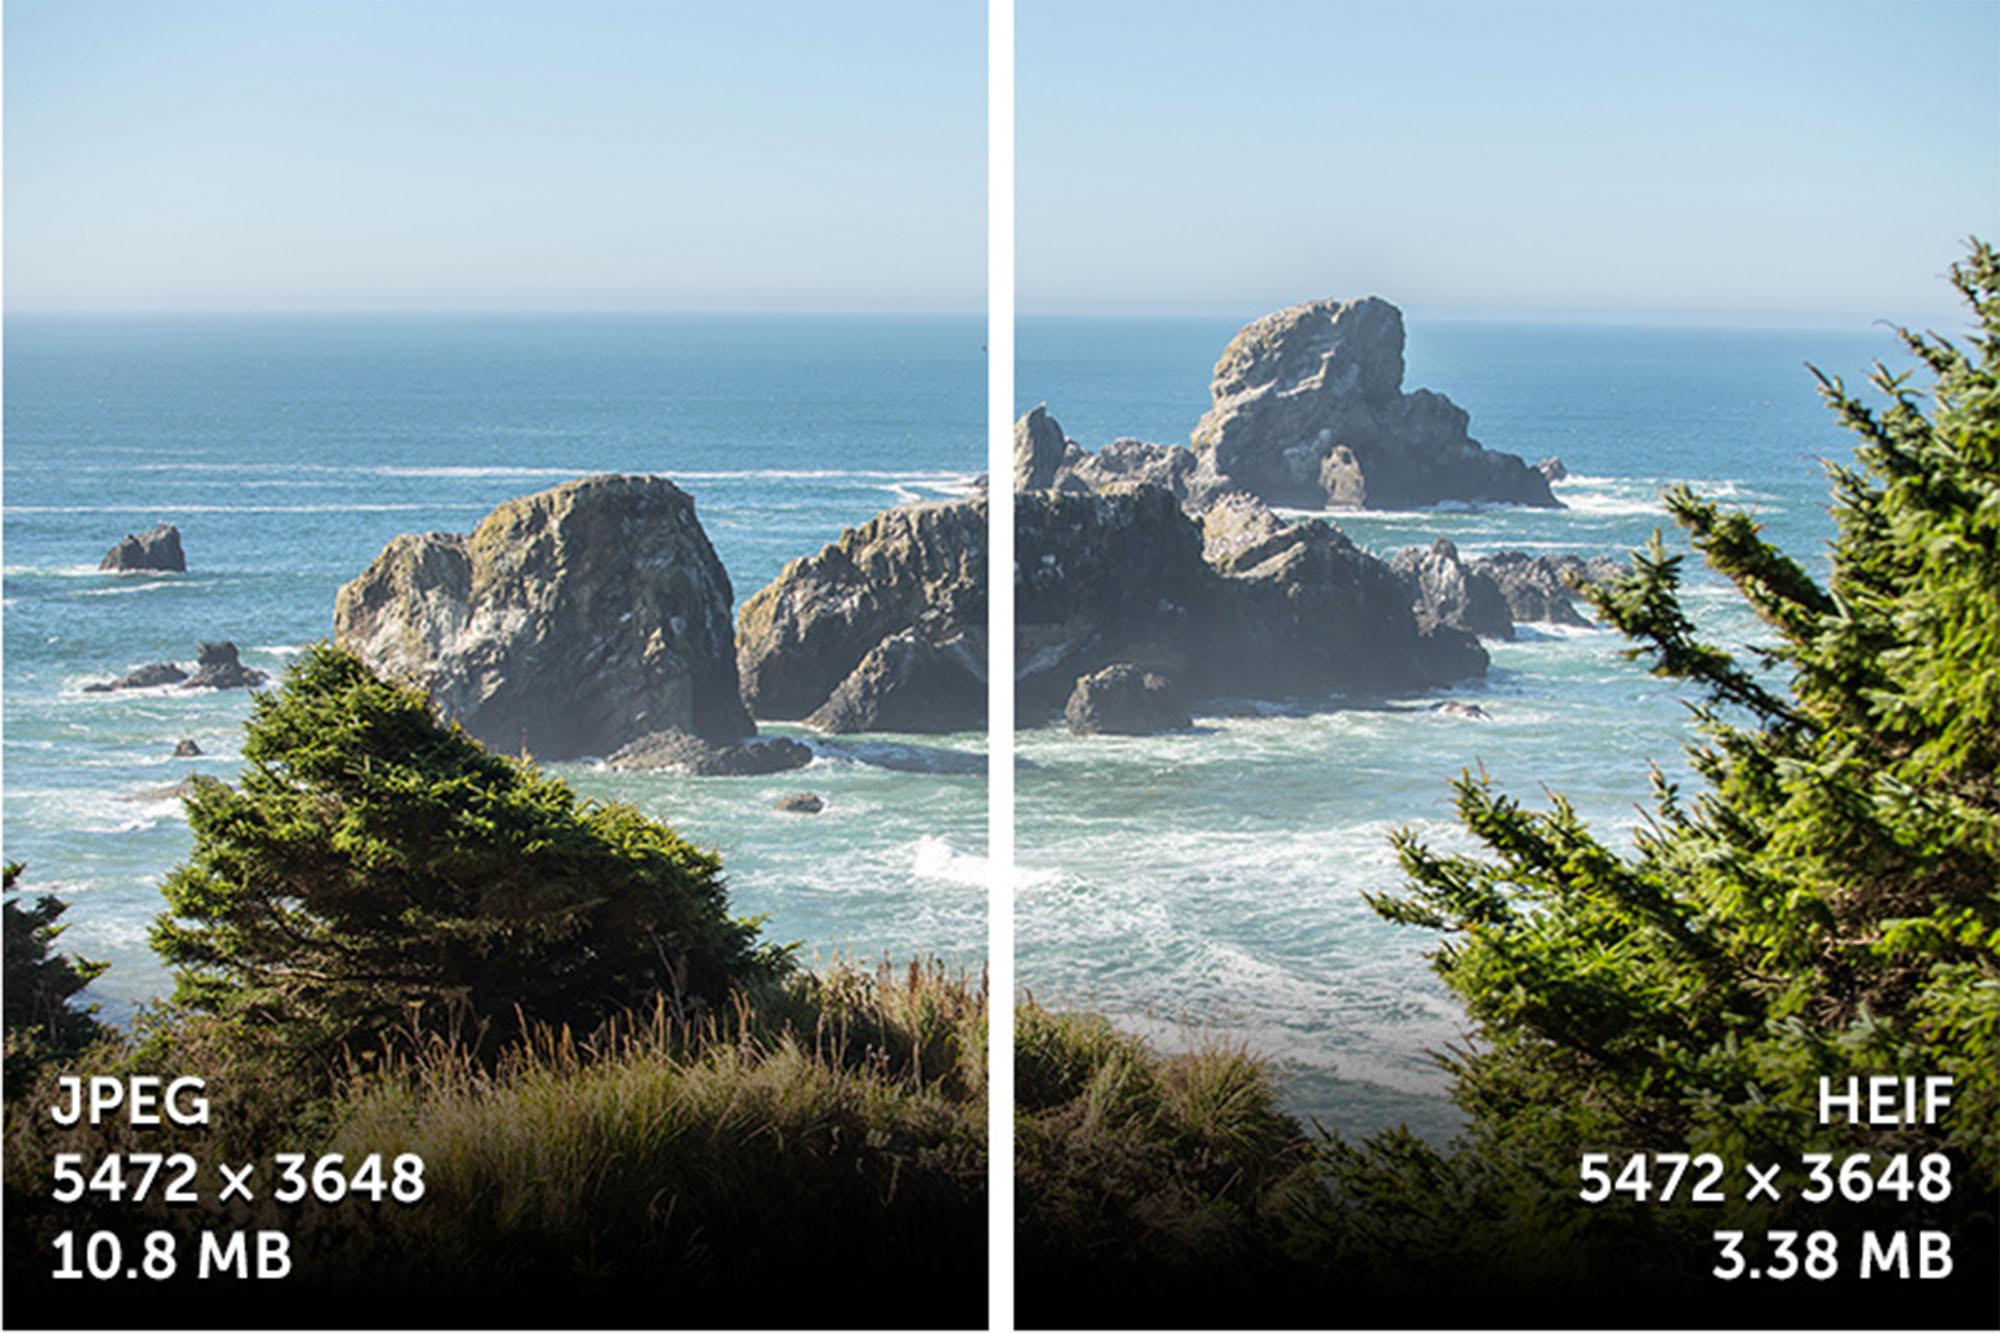 Haz que las fotografías ocupen la mitad y ahorra espacio en tu Xiaomi con esta opción. Noticias Xiaomi A